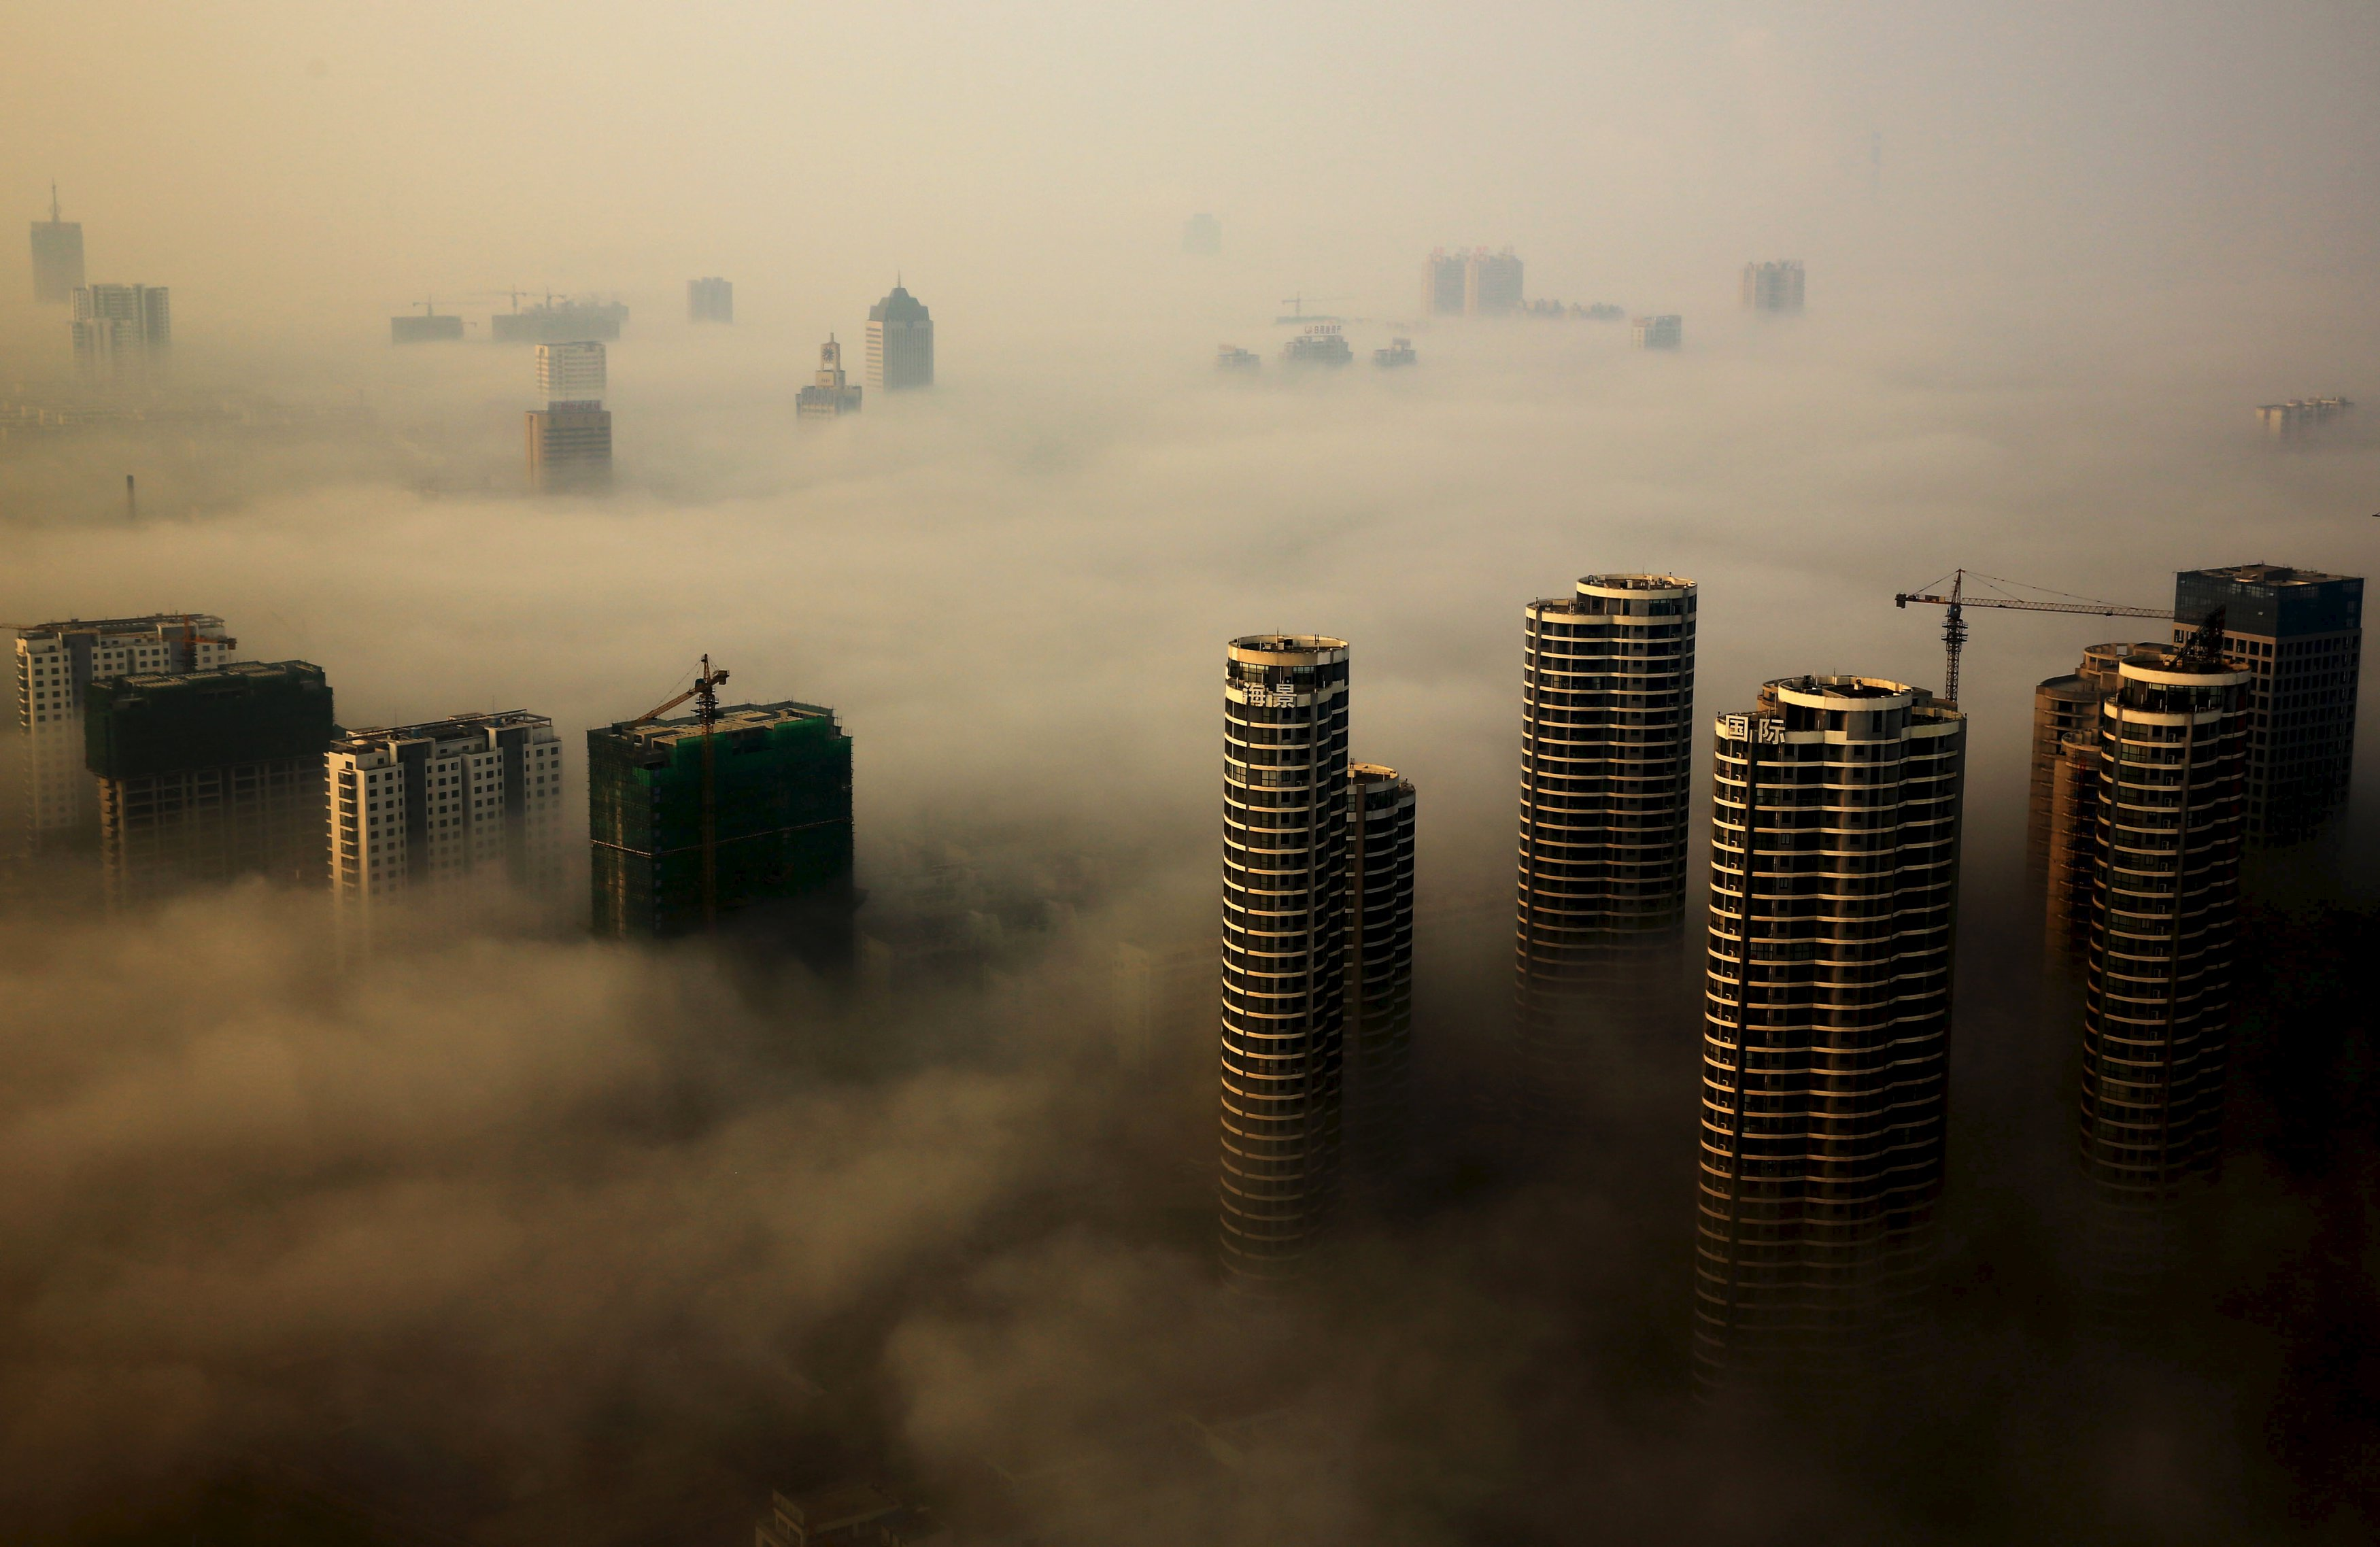 Gedung yang masih dalam konstruksi terlihat di antara kabut saat hari berkabut di Rizhao, Provinsi Shandong, Tiongkok, 18 Oktober 2015. ANTARA FOTO/REUTERS/Stringer.